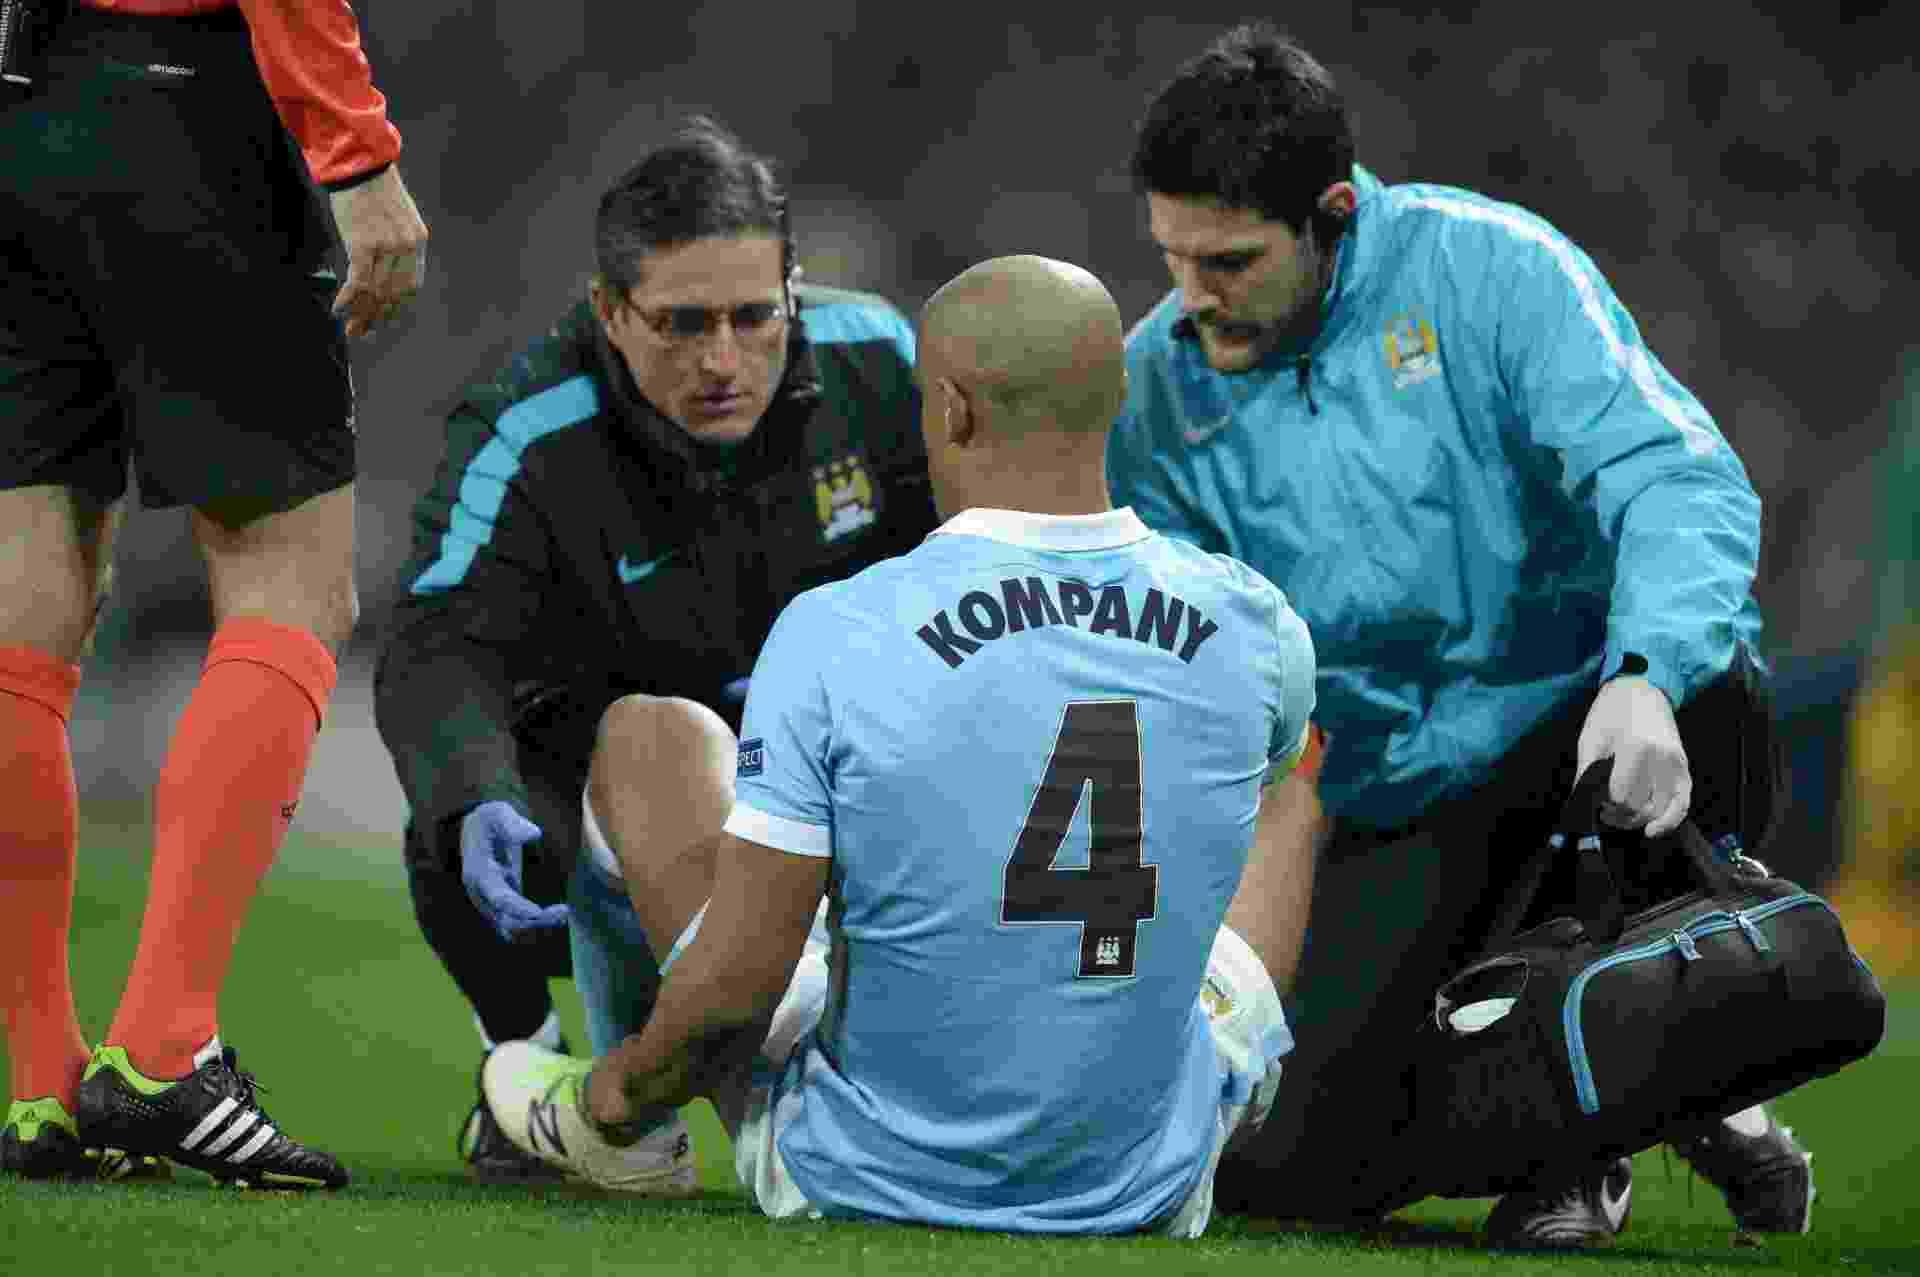 Zagueiro belga do City, Kompany saiu lesionado no começo da partida contra o Dínamo. O jogador tem tido problemas físicos recorrentes na temporada - Phil Noble / REUTERS